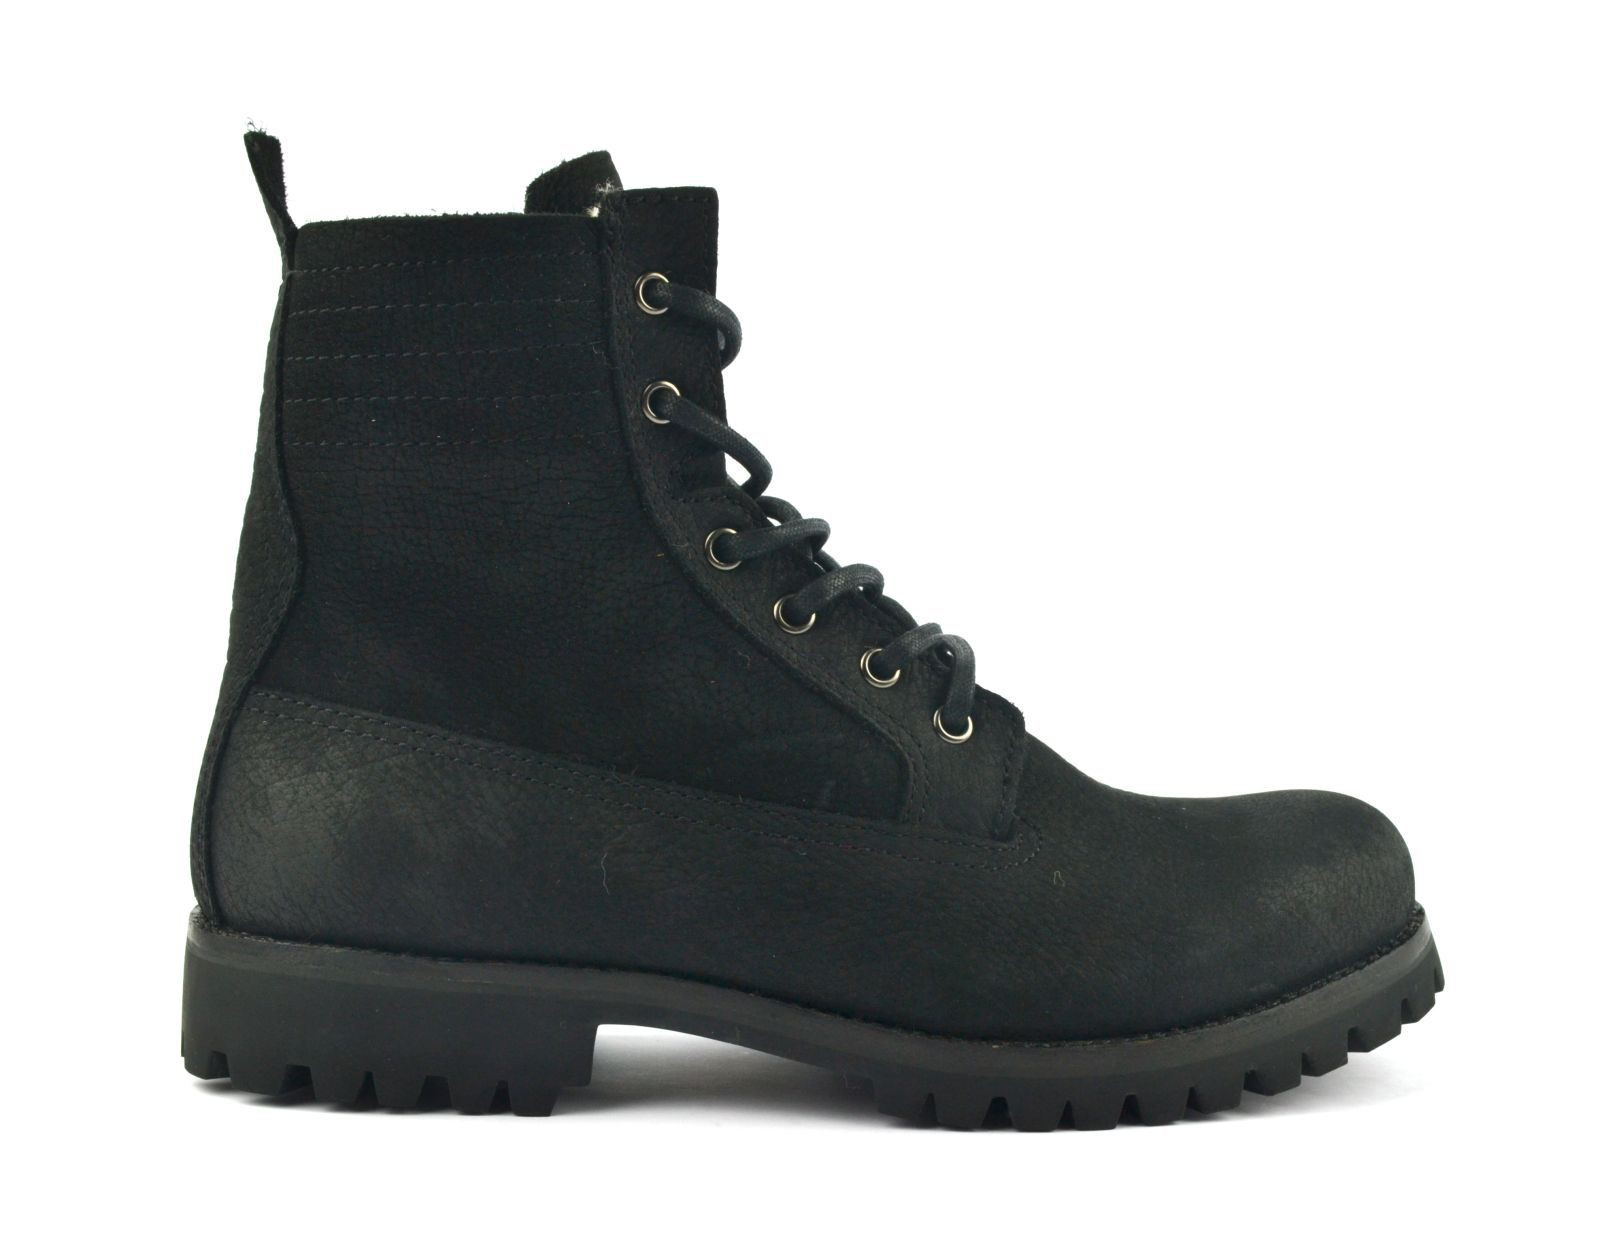 Afbeelding van Blackstone Boots zwart